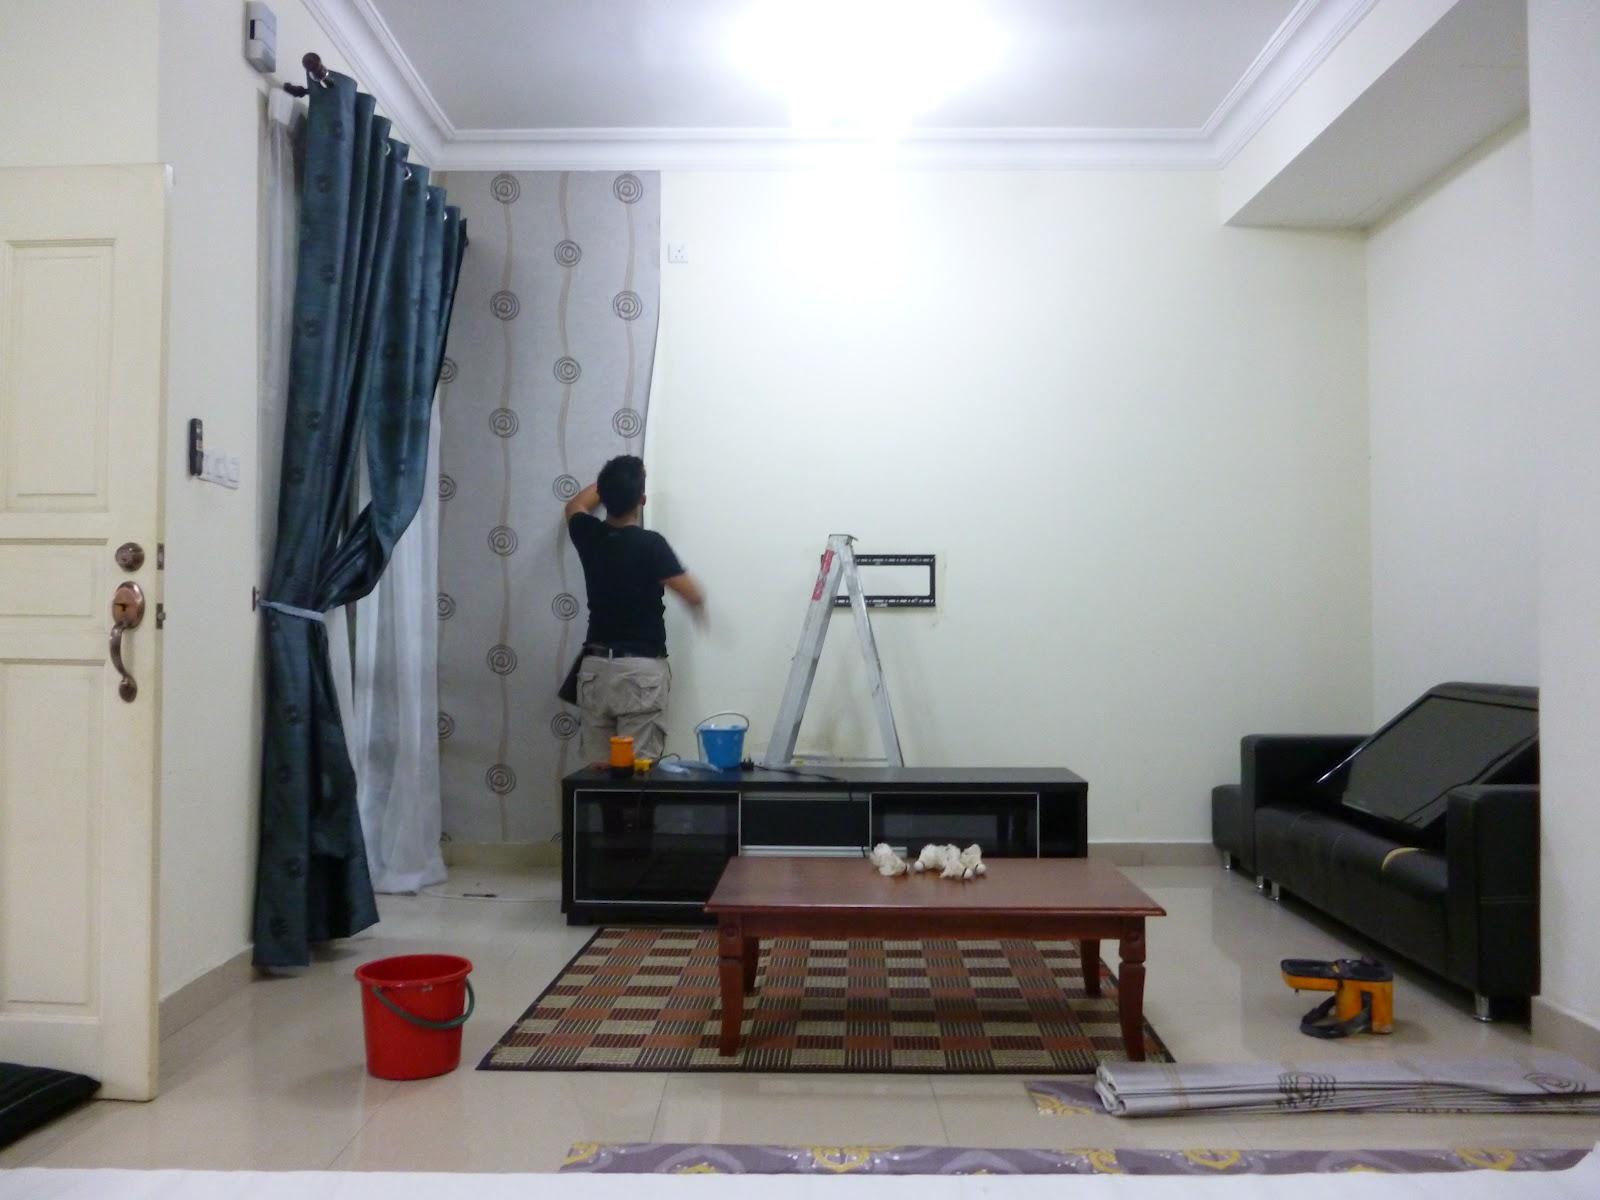 107 cara pemasangan wallpaper untuk dinding rumah - Cara pasang wallpaper ...